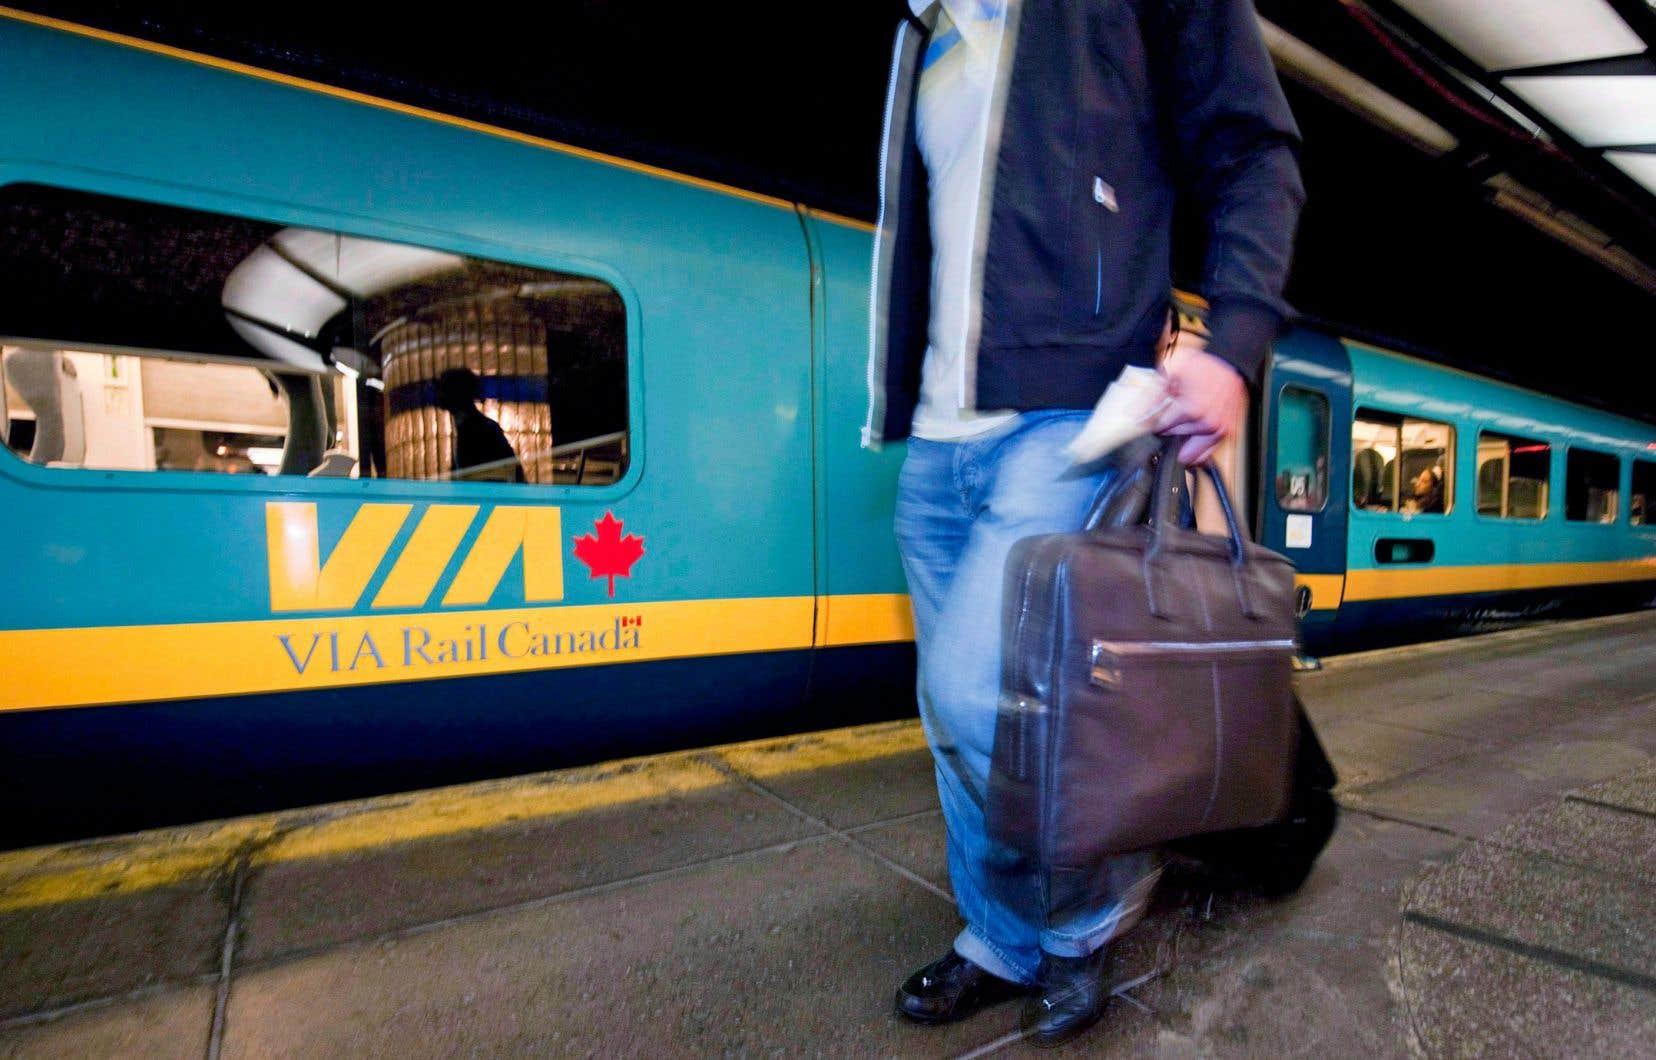 «Avec un TGF qui réduirait substantiellement la durée des trajets, on créerait le début d'une culture favorisant le retour au rail», fait valoir l'auteur.